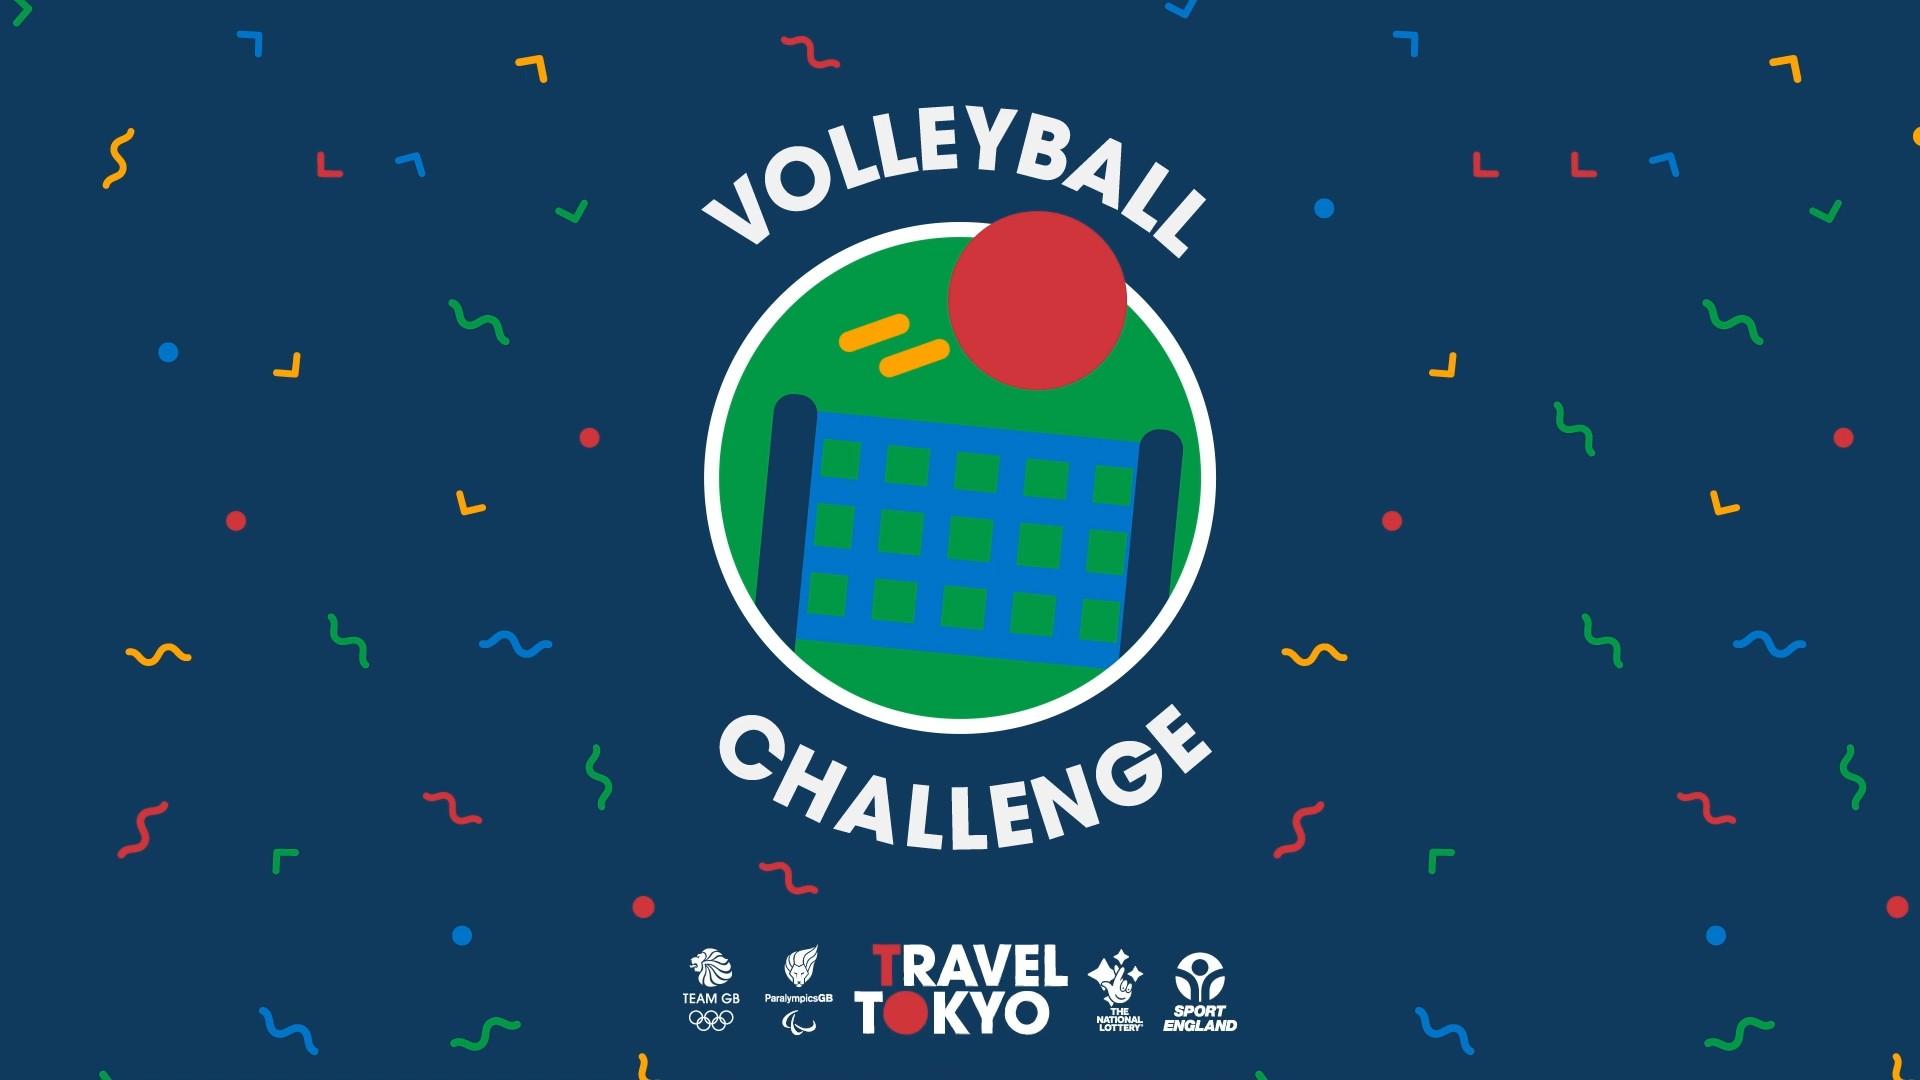 Volley2s challenge